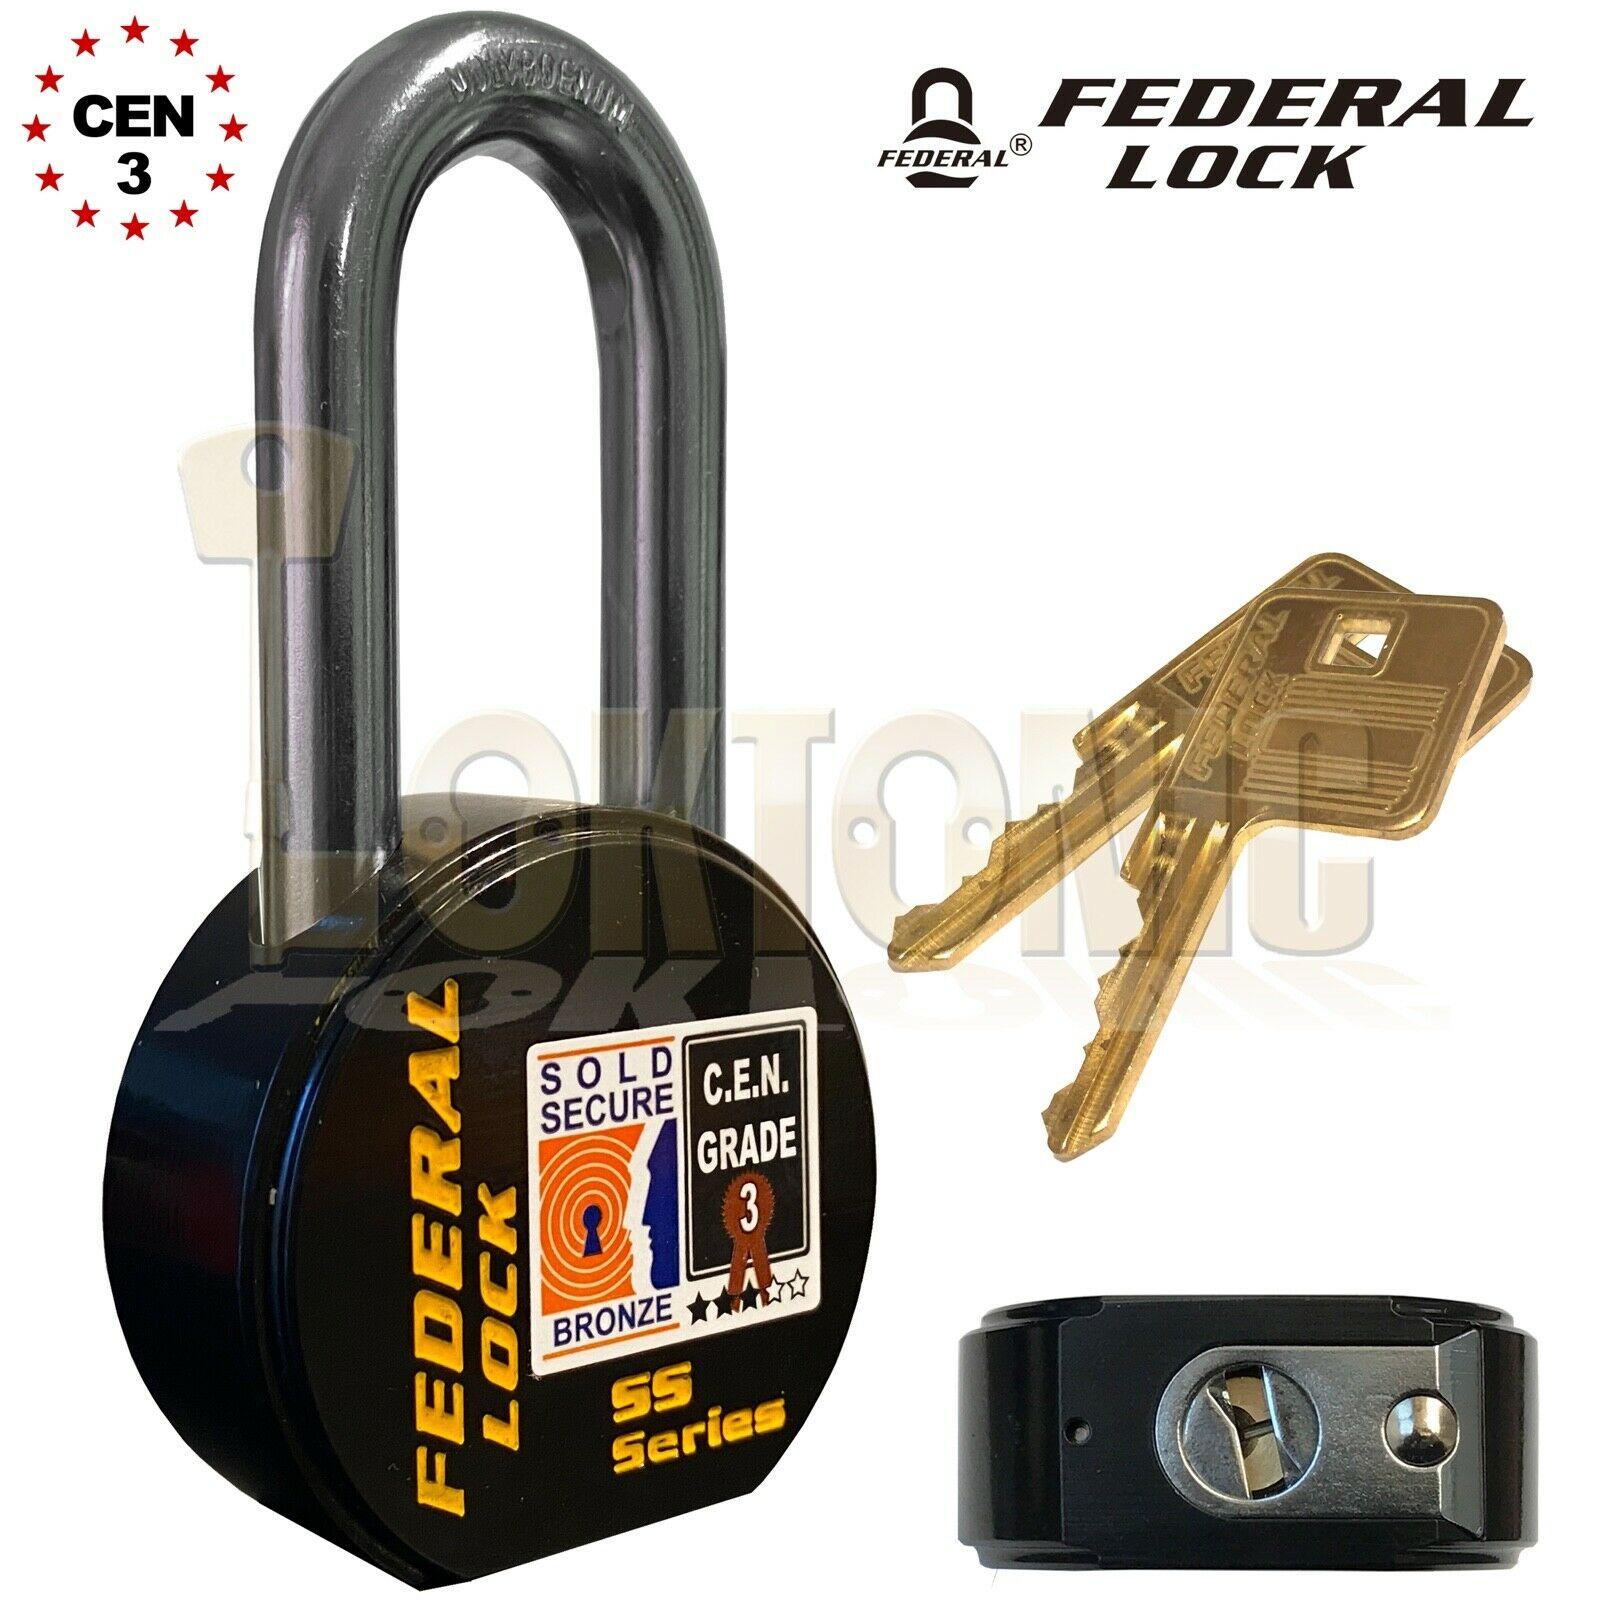 Federal 902 Sold Secure CEN Grade 3 Heavy Duty Solid Steel Long Shackle Padlock